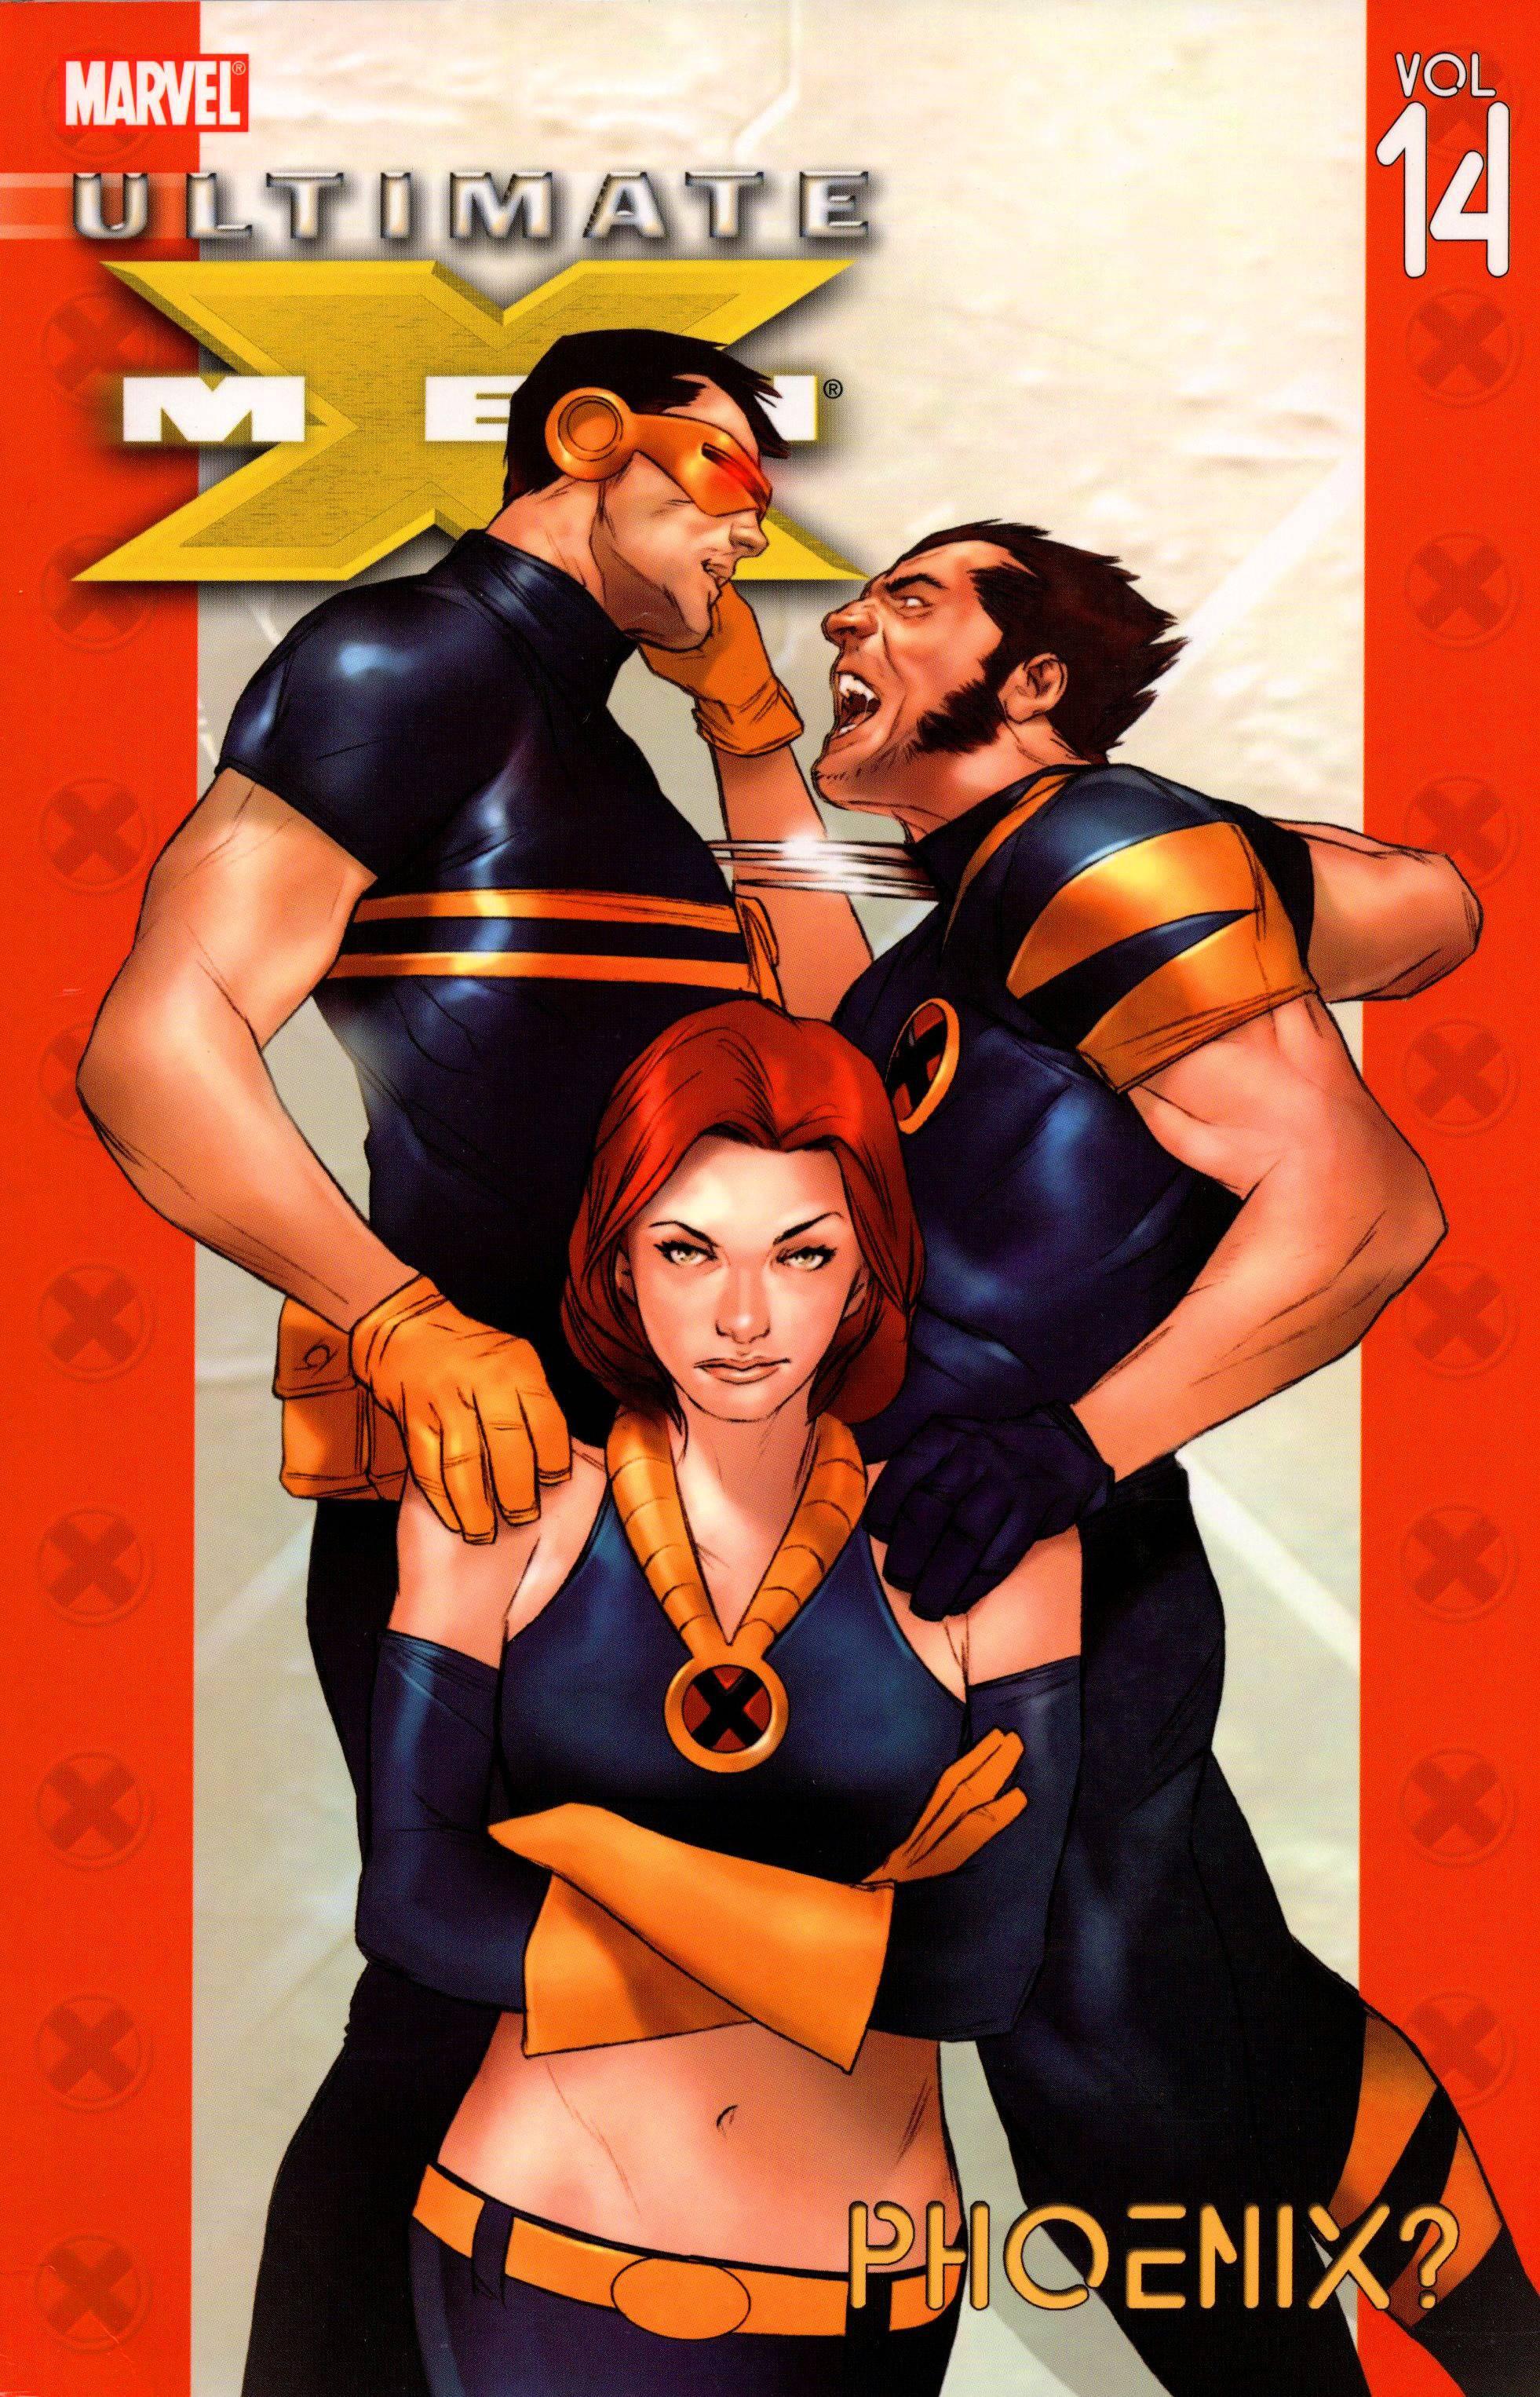 Ultimate X-Men TP Vol. 14 Phoenix?